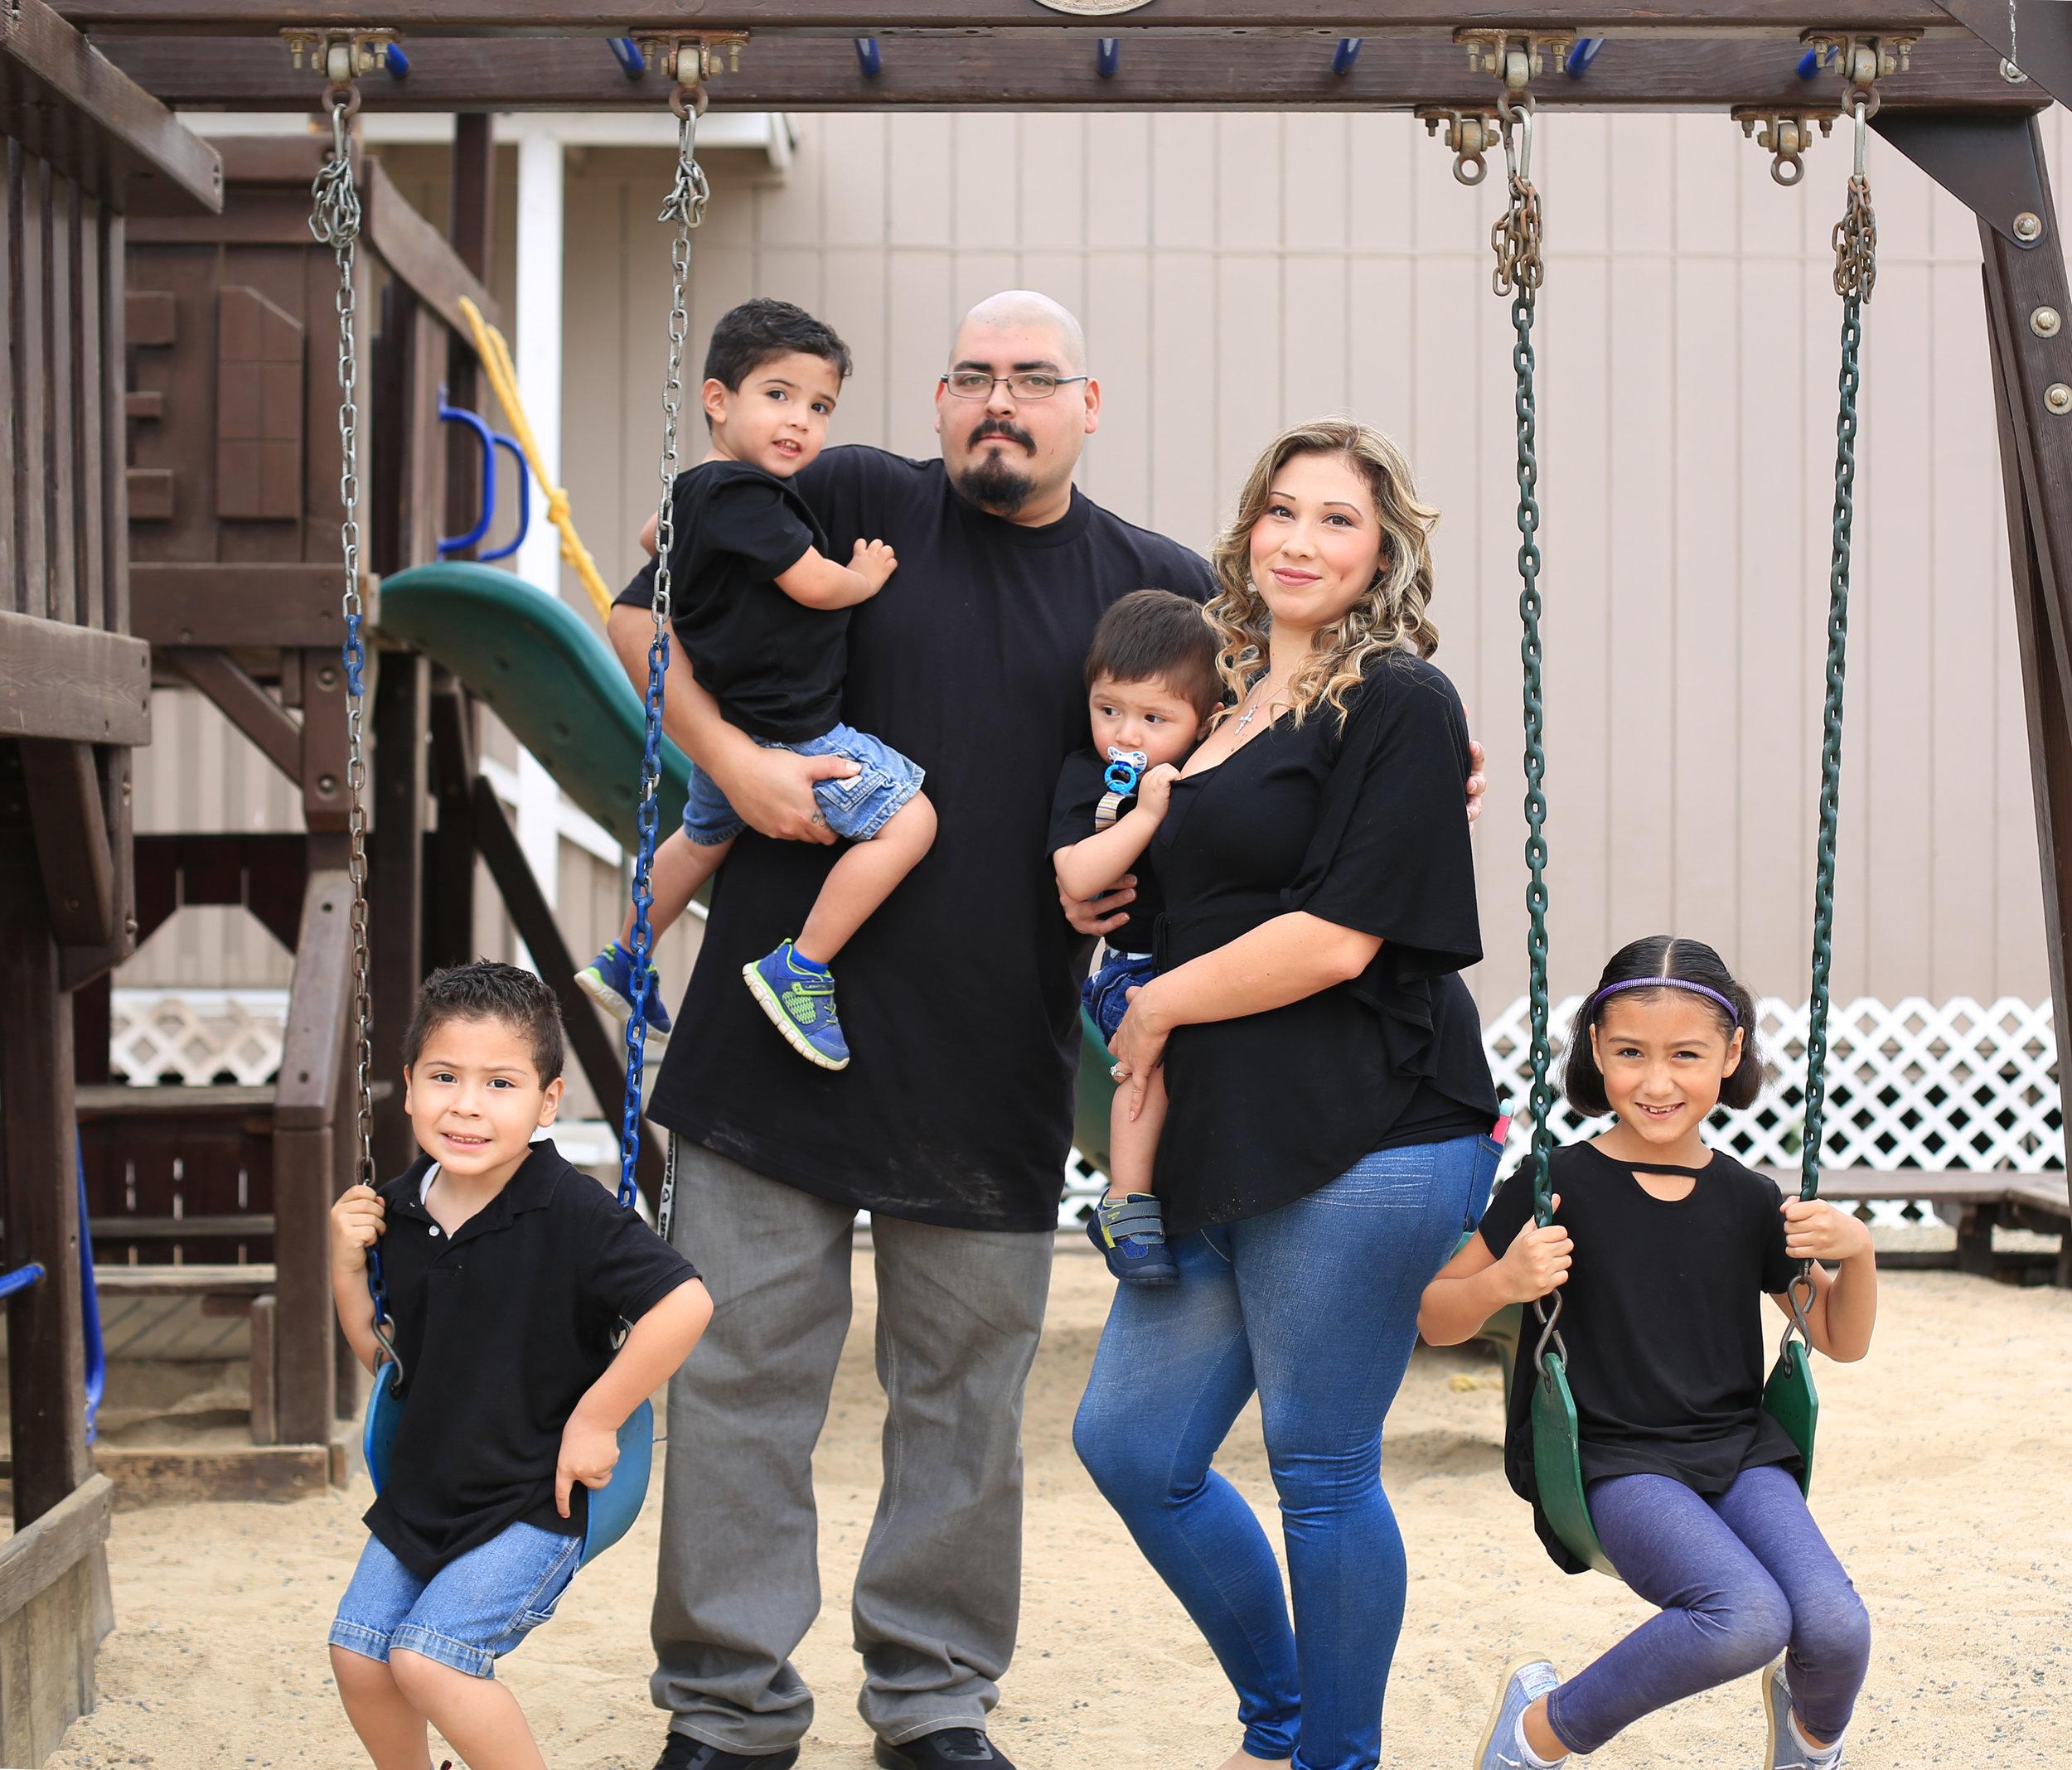 Rene family photo.jpg